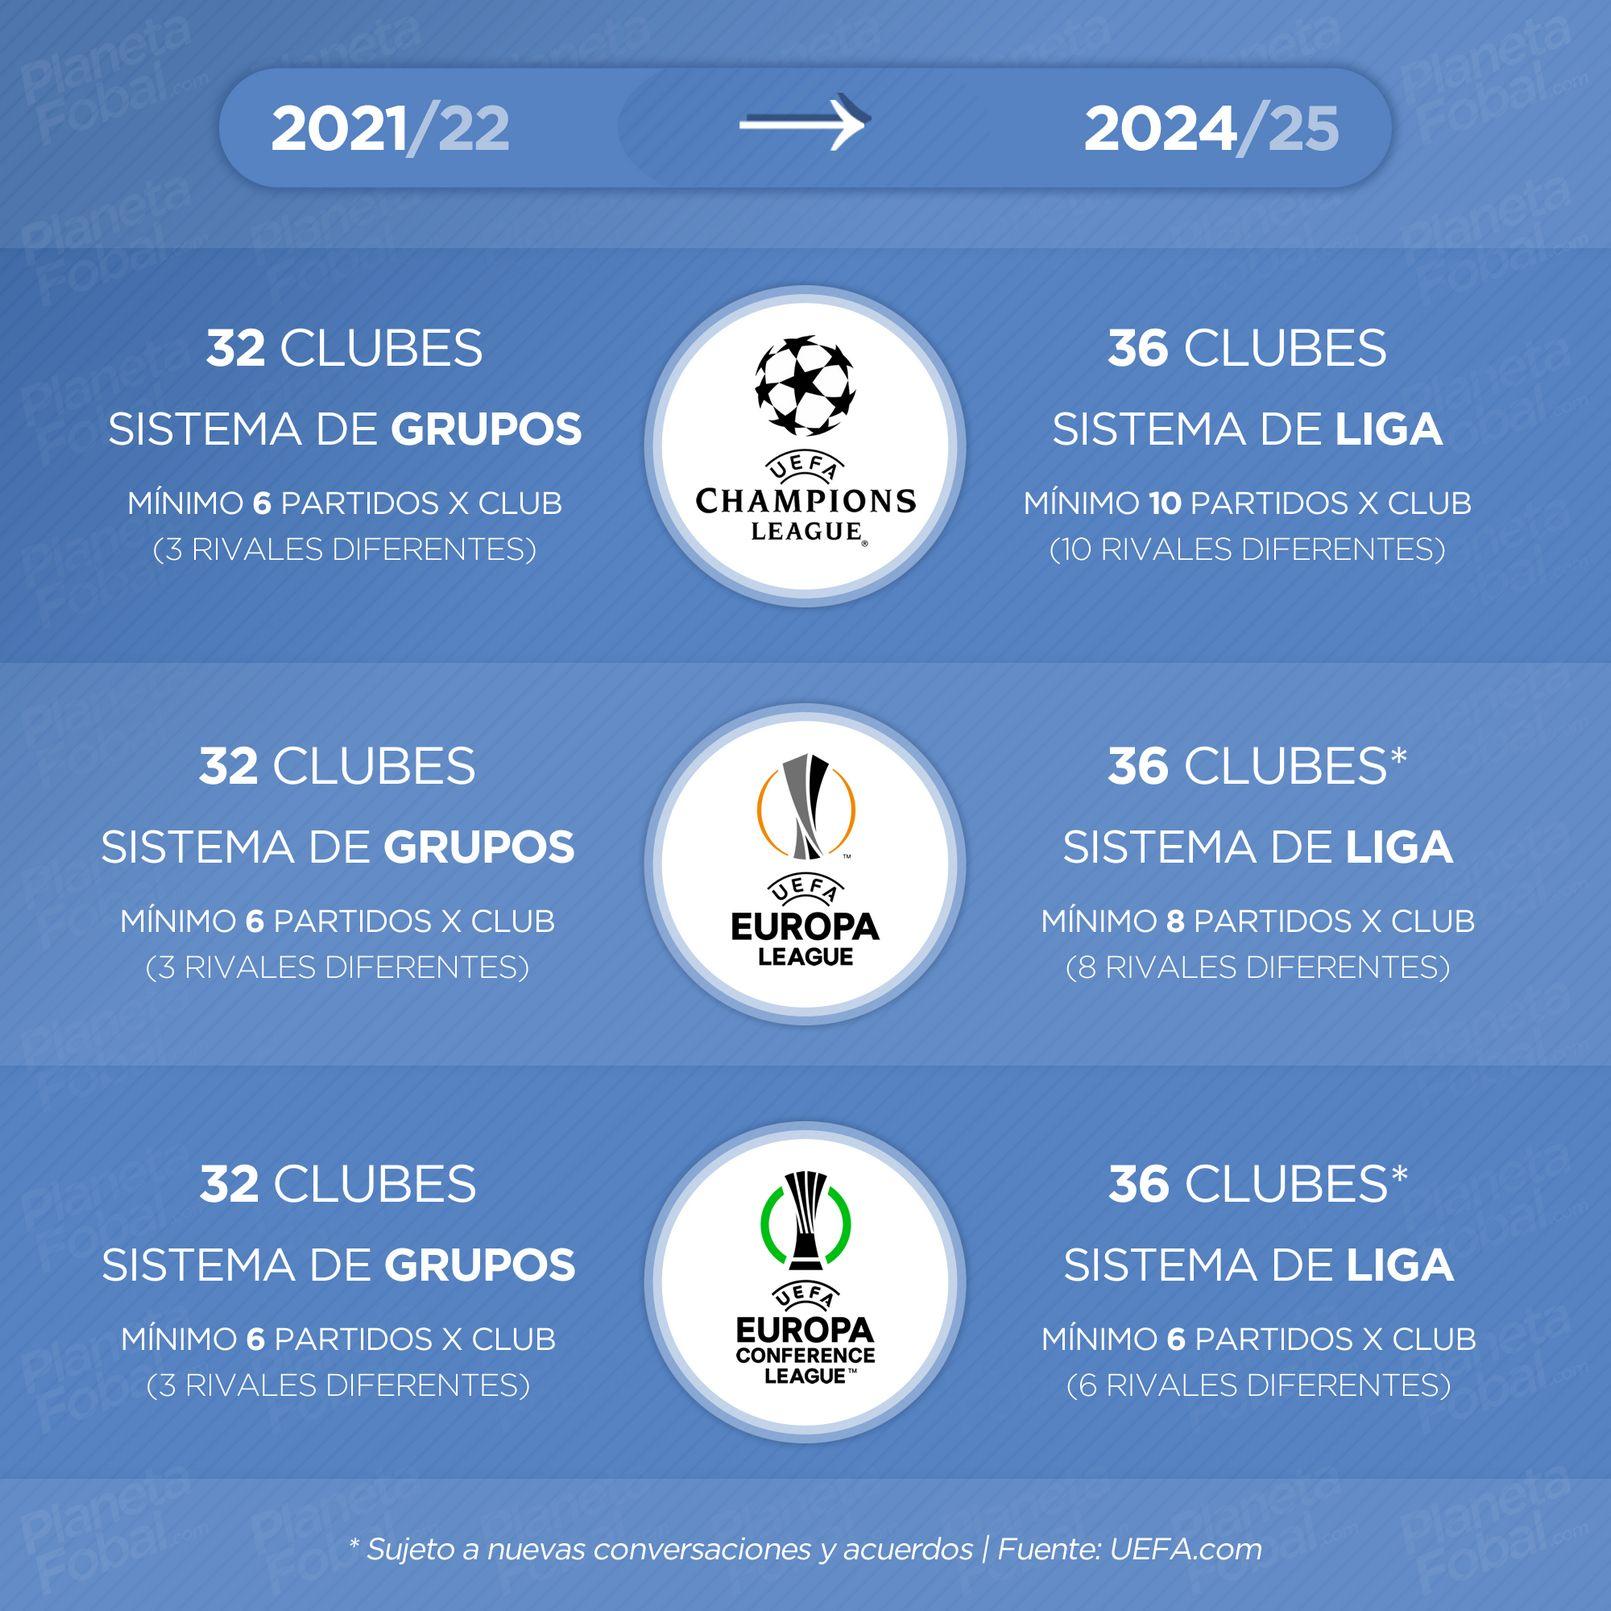 Los torneos UEFA tendrán nuevos formatos desde 2024